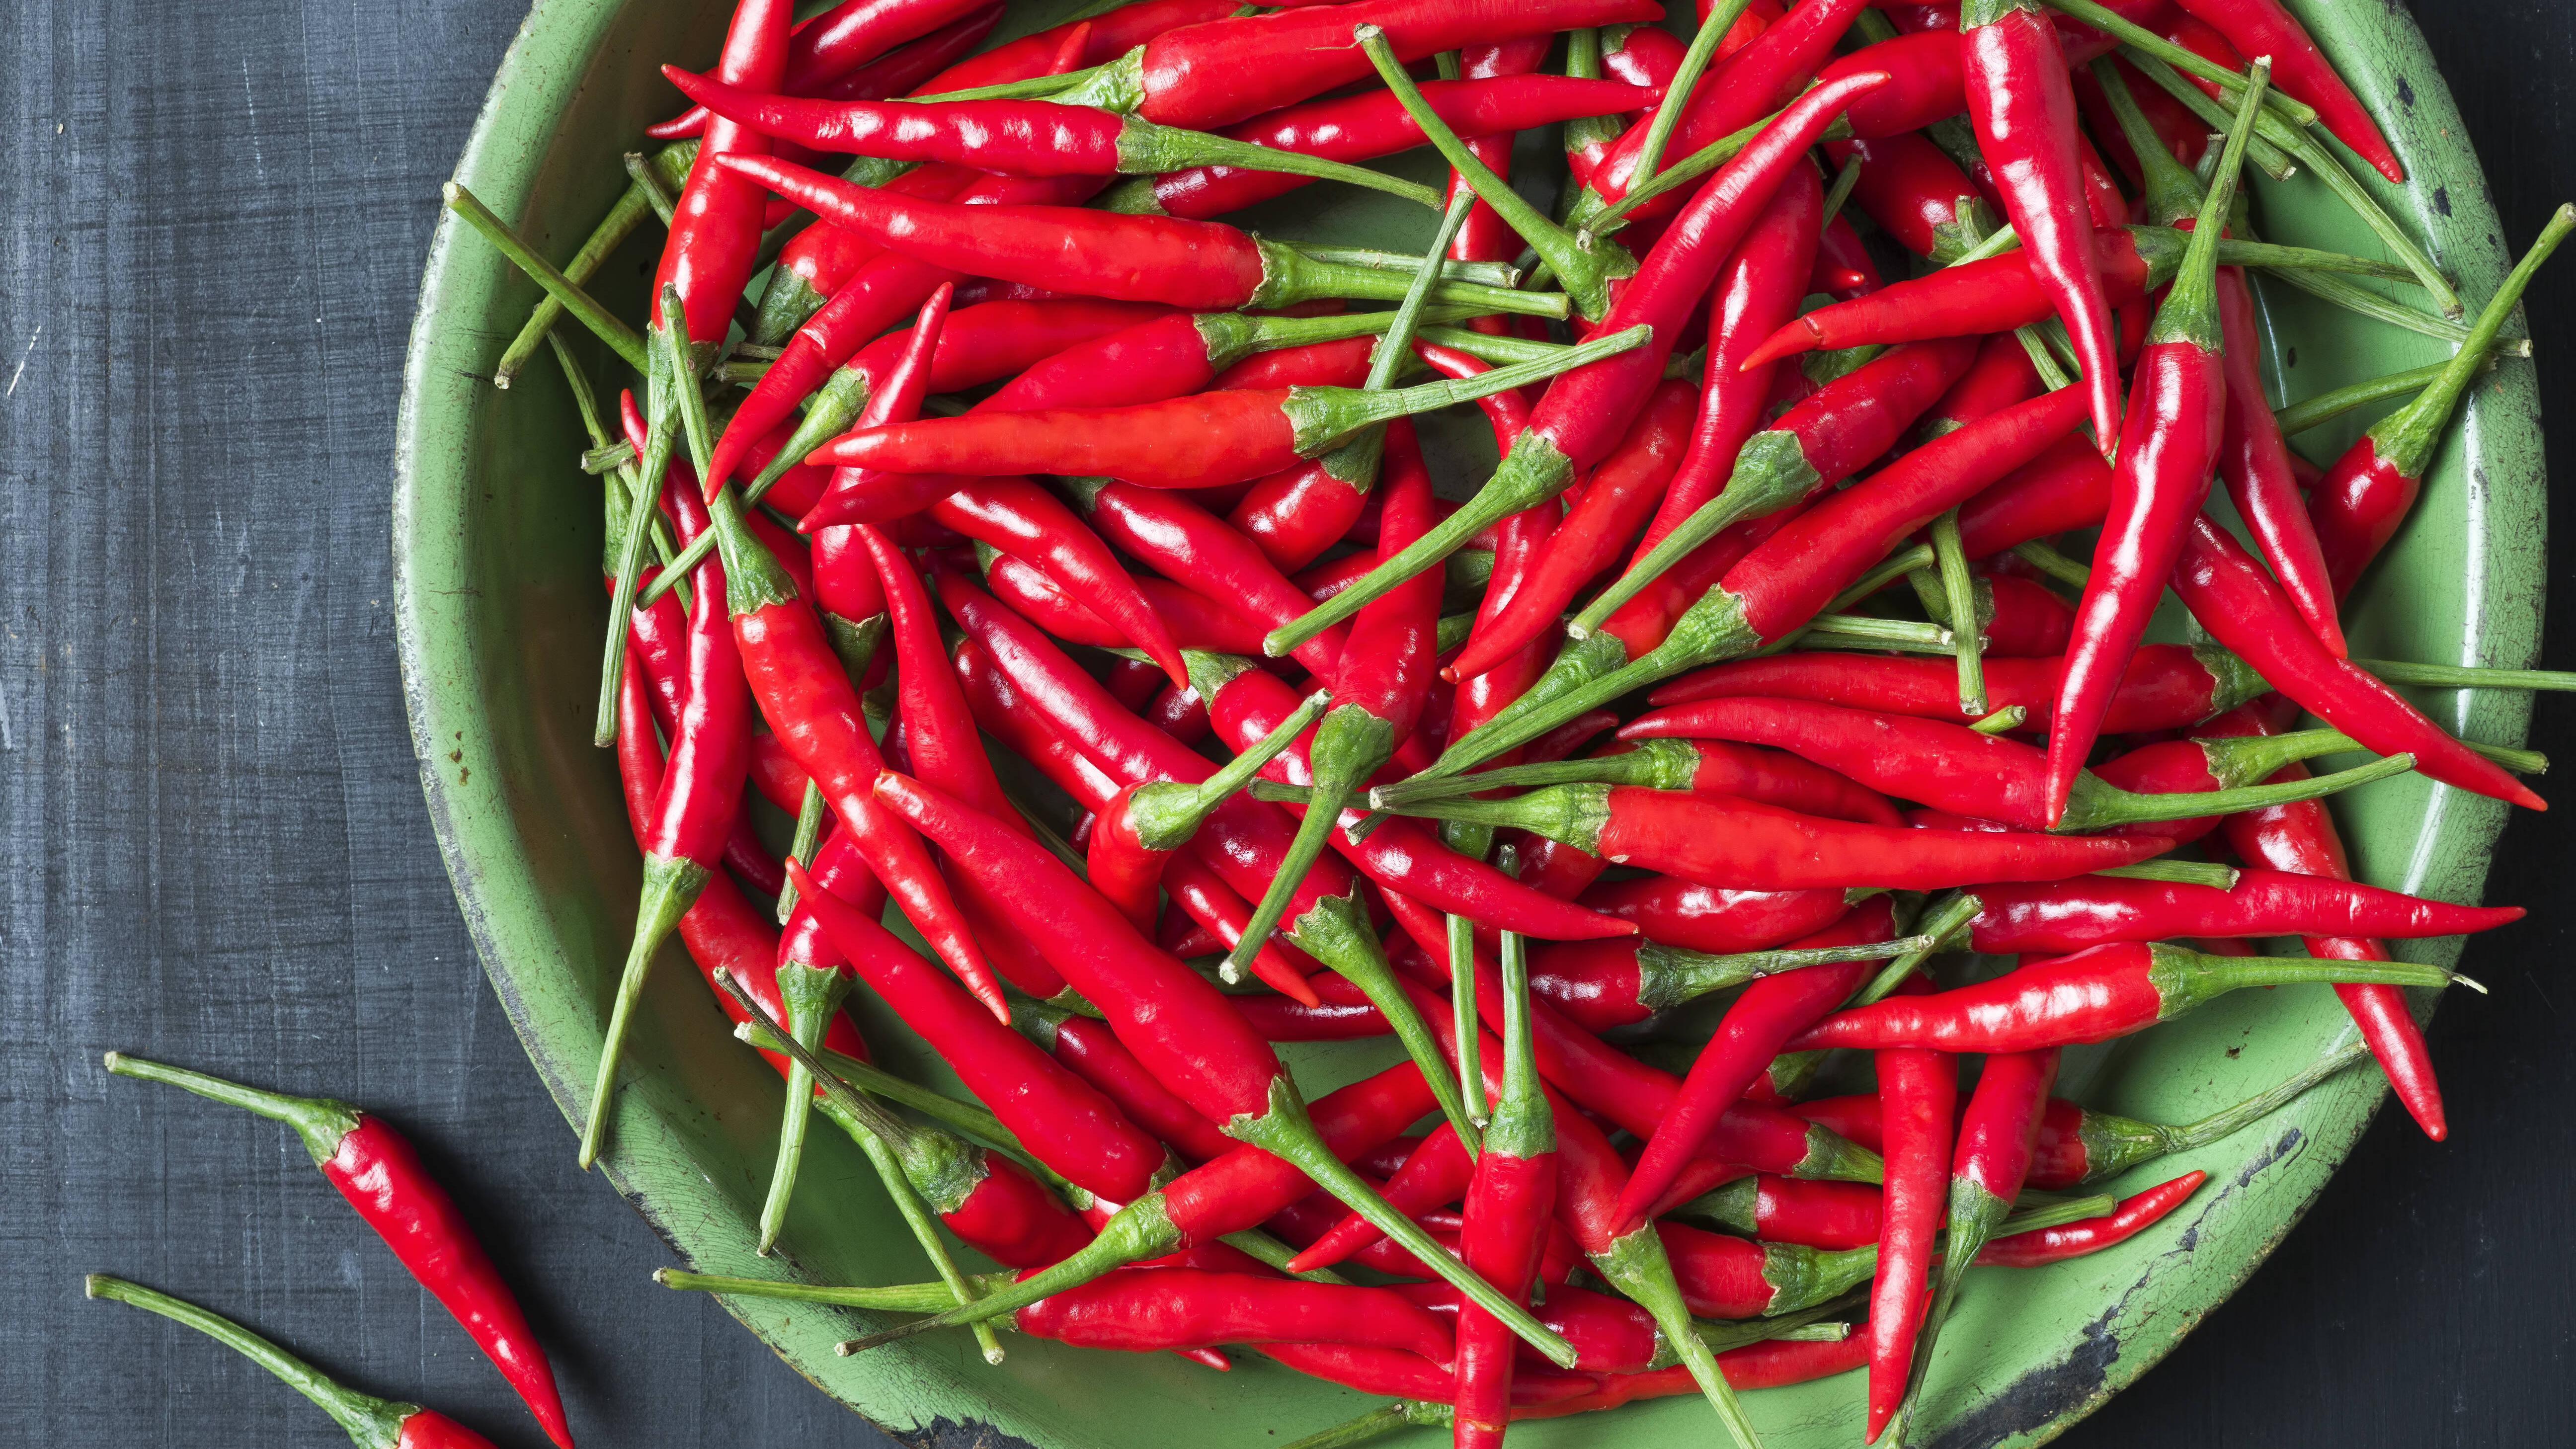 Chili schmeckt nicht nur gut, sondern hat auch viele positive Effekte auf den Körper.